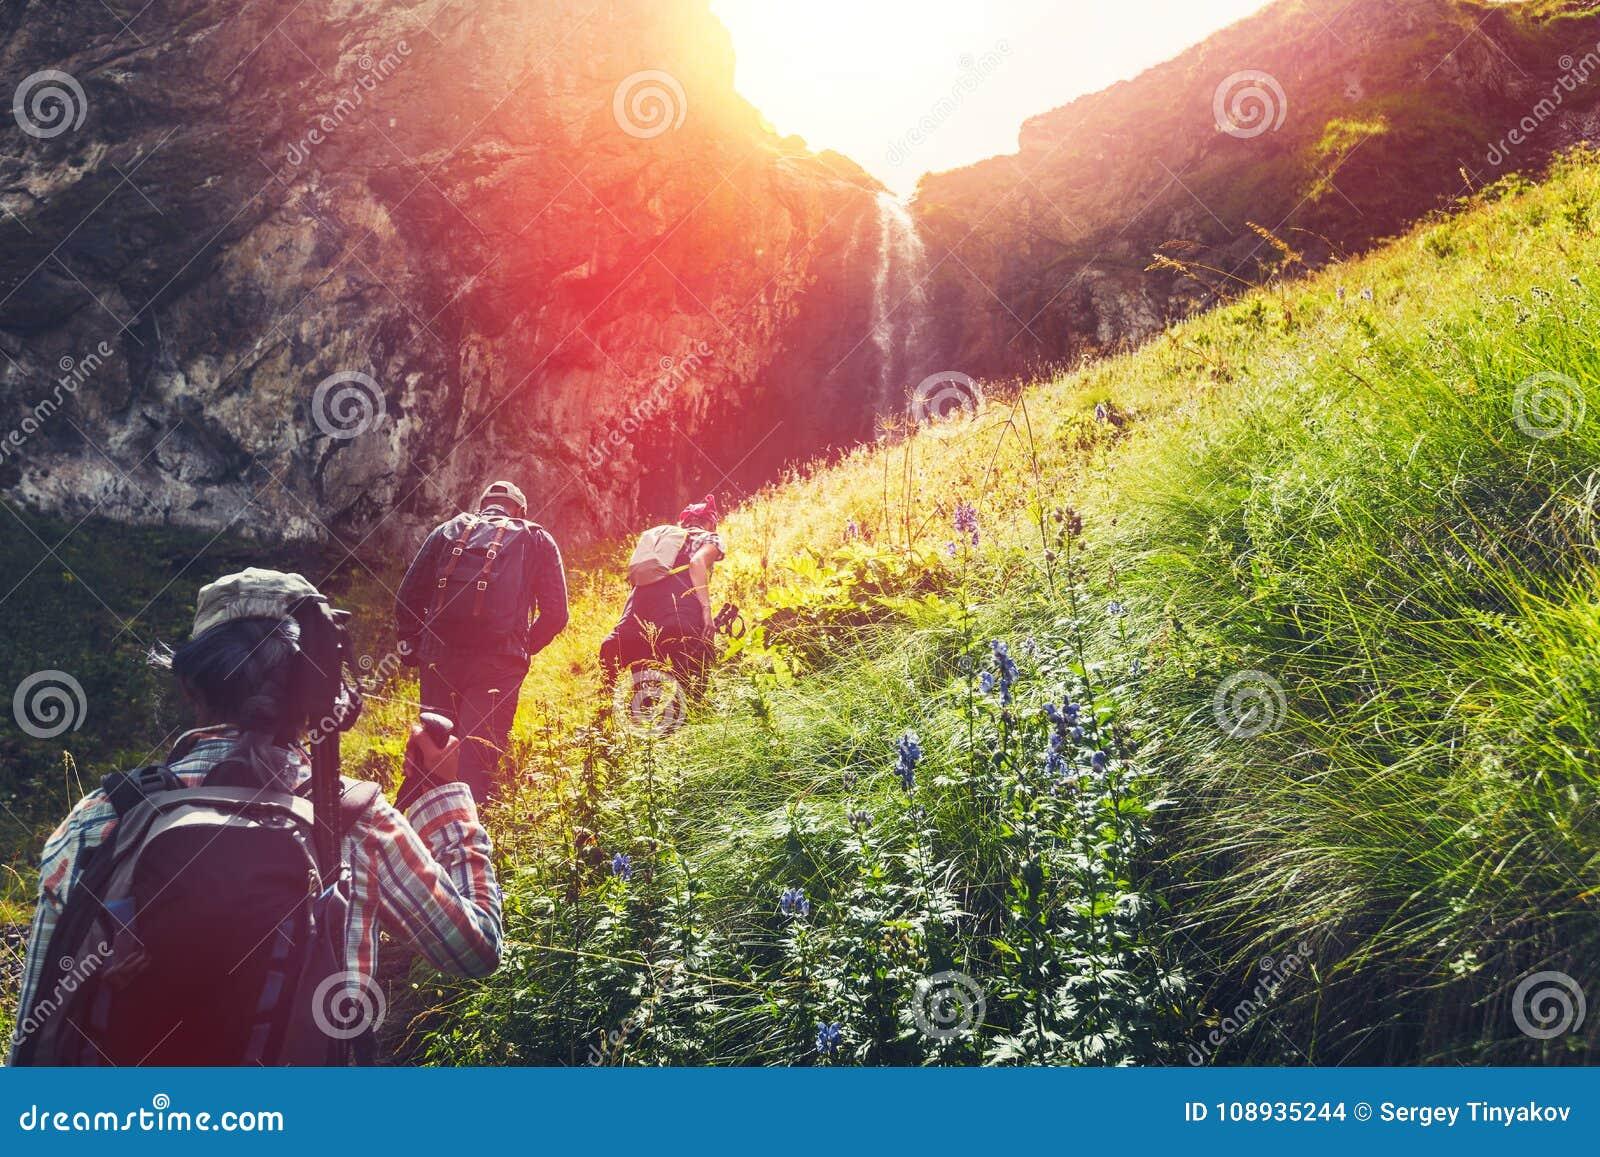 Gruppe Wanderer-Touristen, die aufwärts zum Wasserfall gehen Reise-Abenteuer-Konzept im Freien